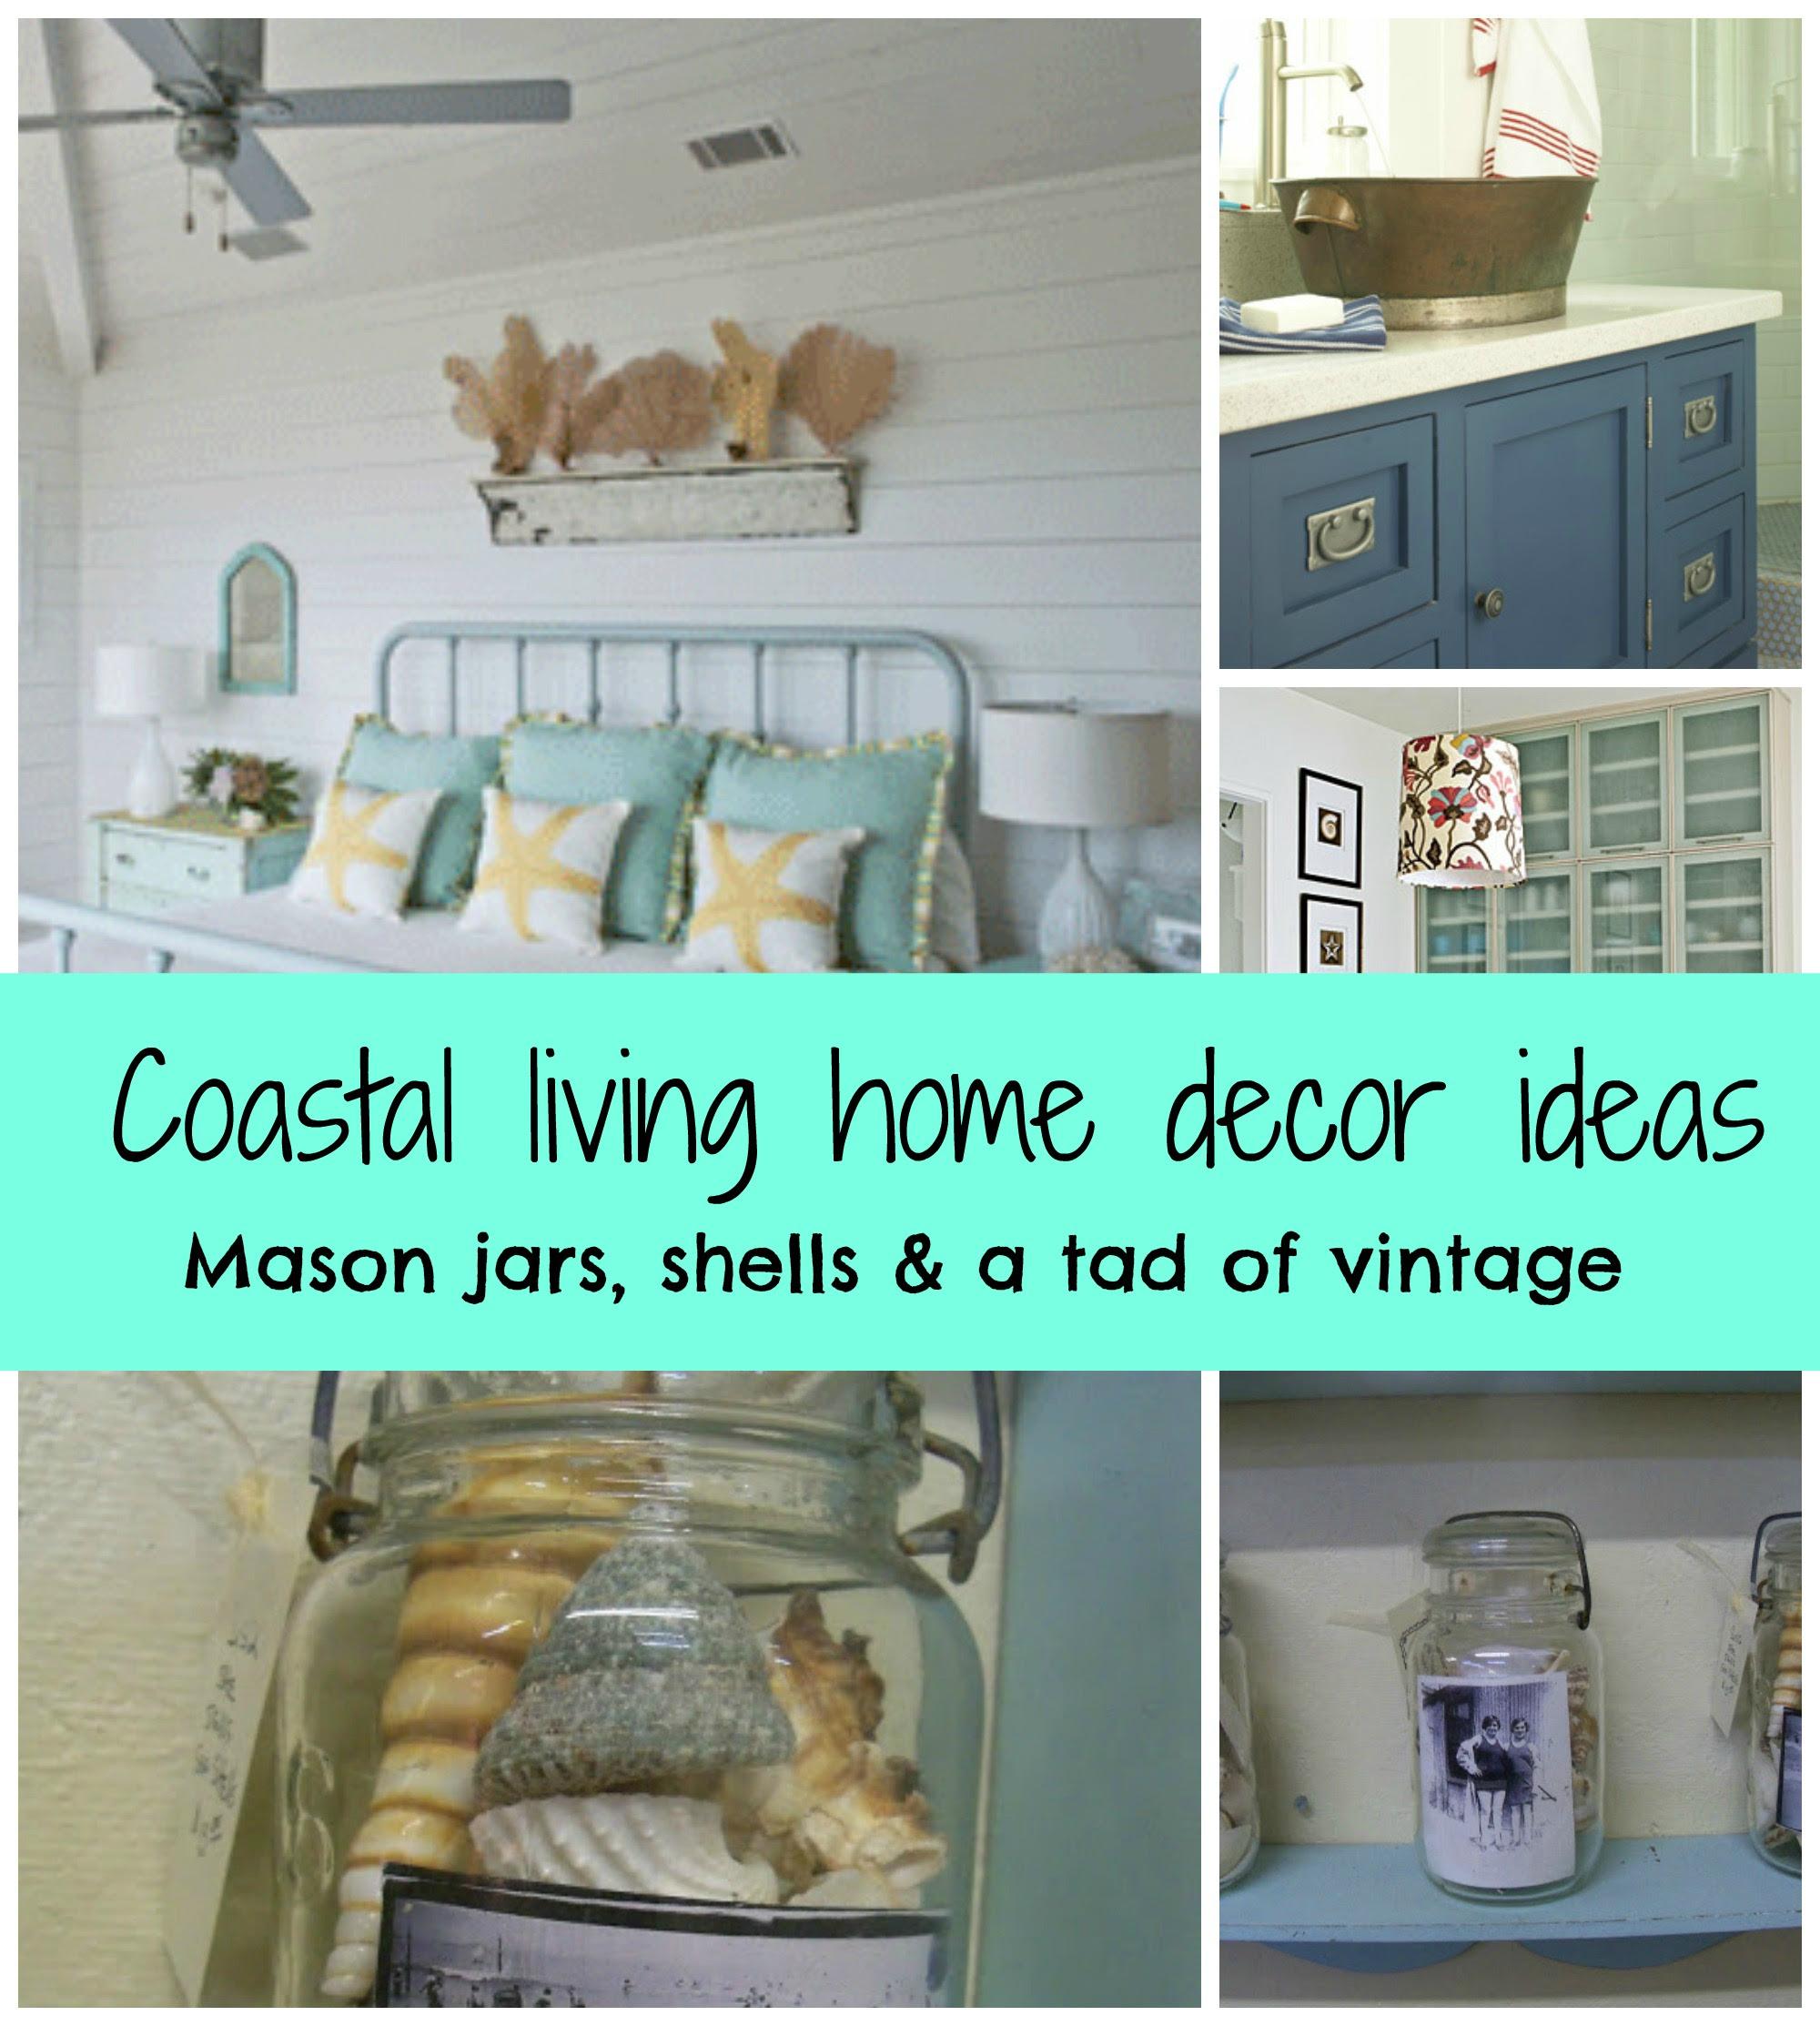 Traditional living room decor myhomeideas com - Coastal Decorating Ideas Dream House Experience